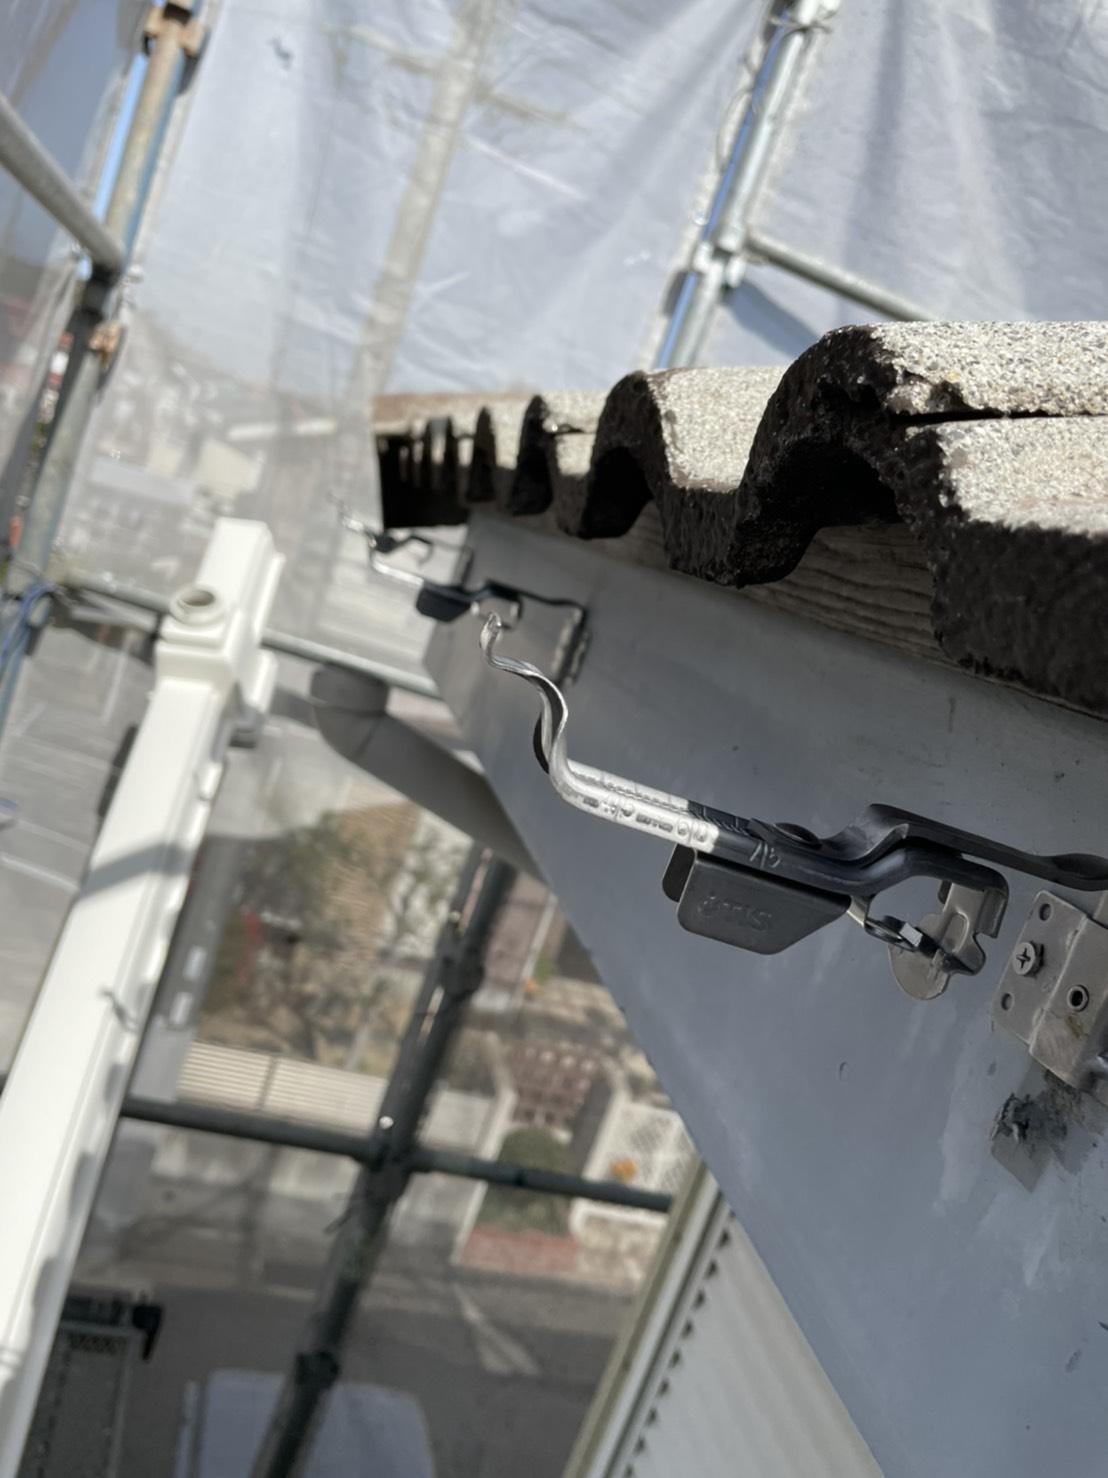 加古川市での雨樋交換でステンレスの受け金具を取り付けている様子